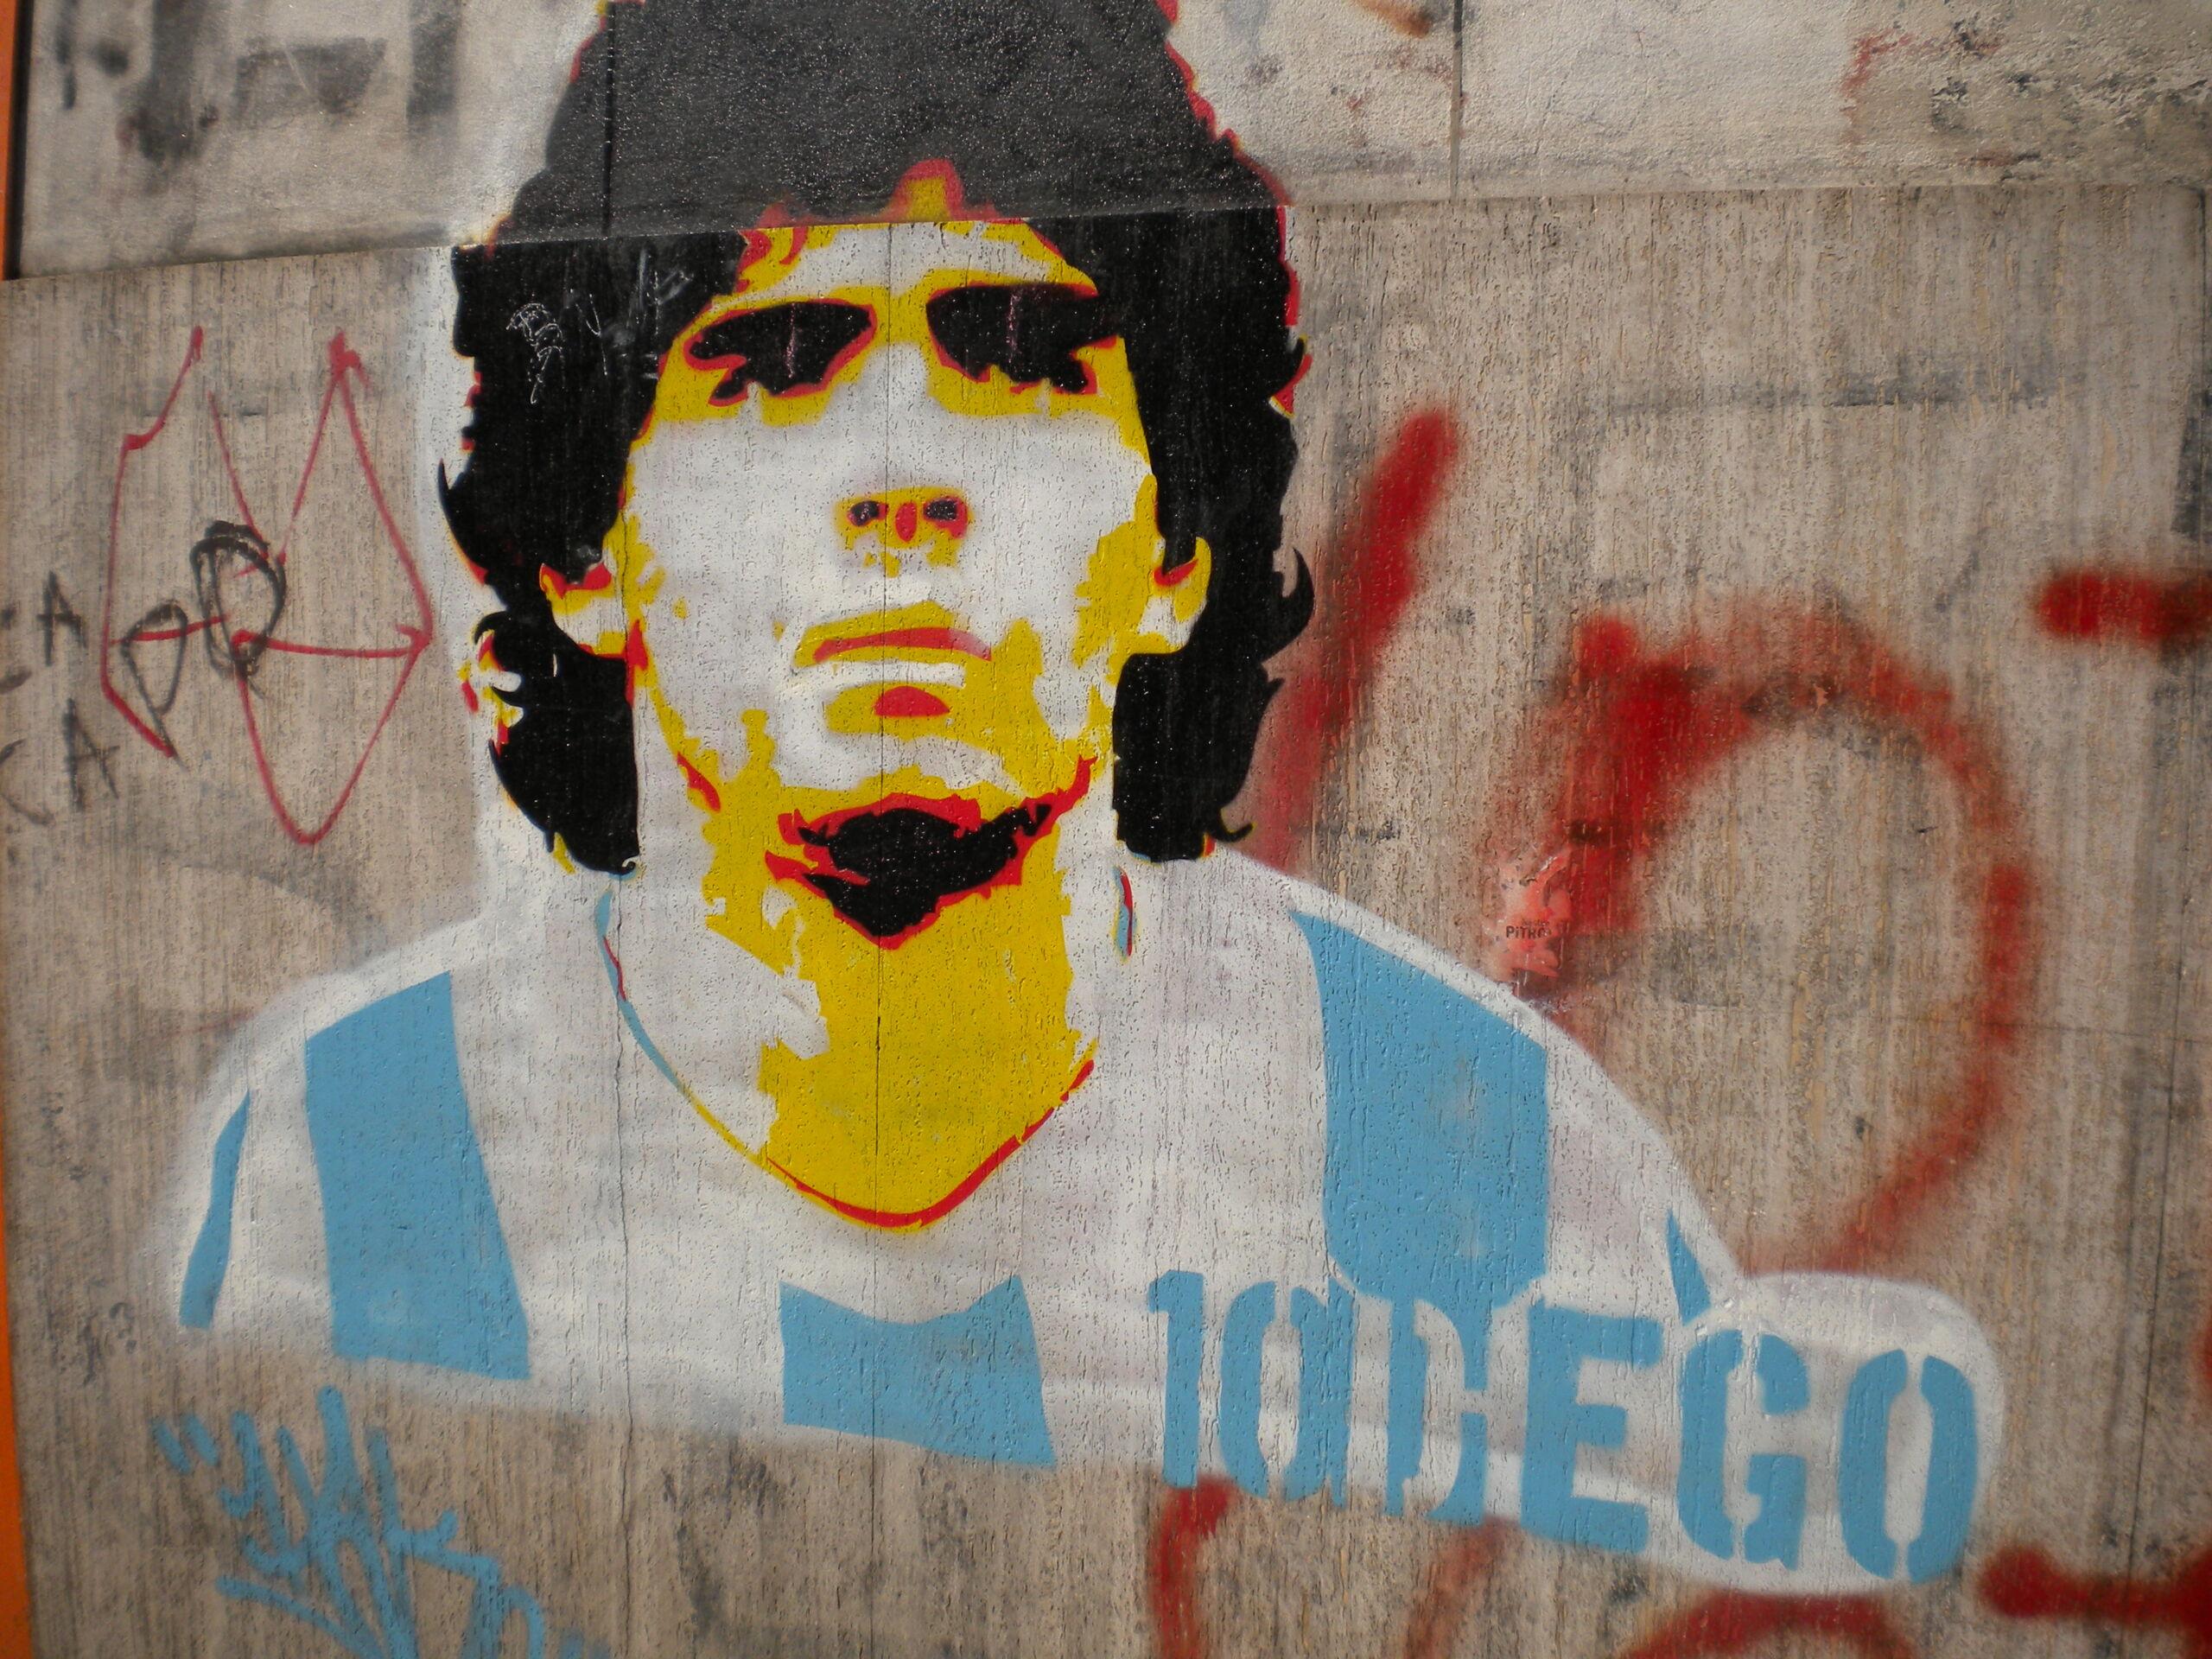 Maradona, il mondo saluta il Pibe de oro. A Napoli sarà lutto cittadino